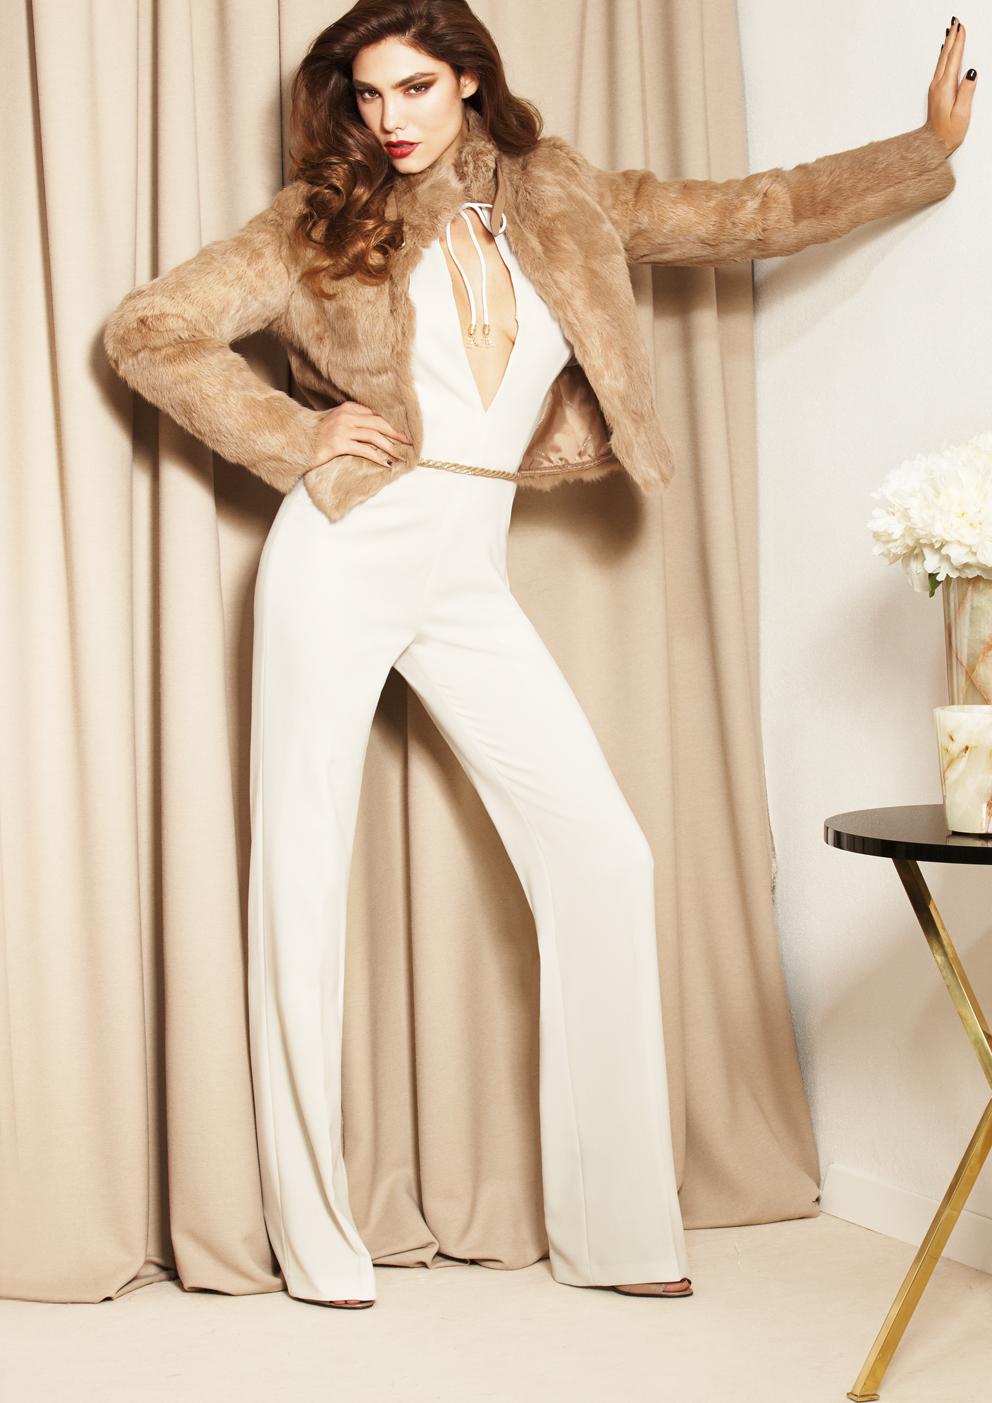 9f18b2453d0 Потрясающий наряд в гламурное стиле одежды